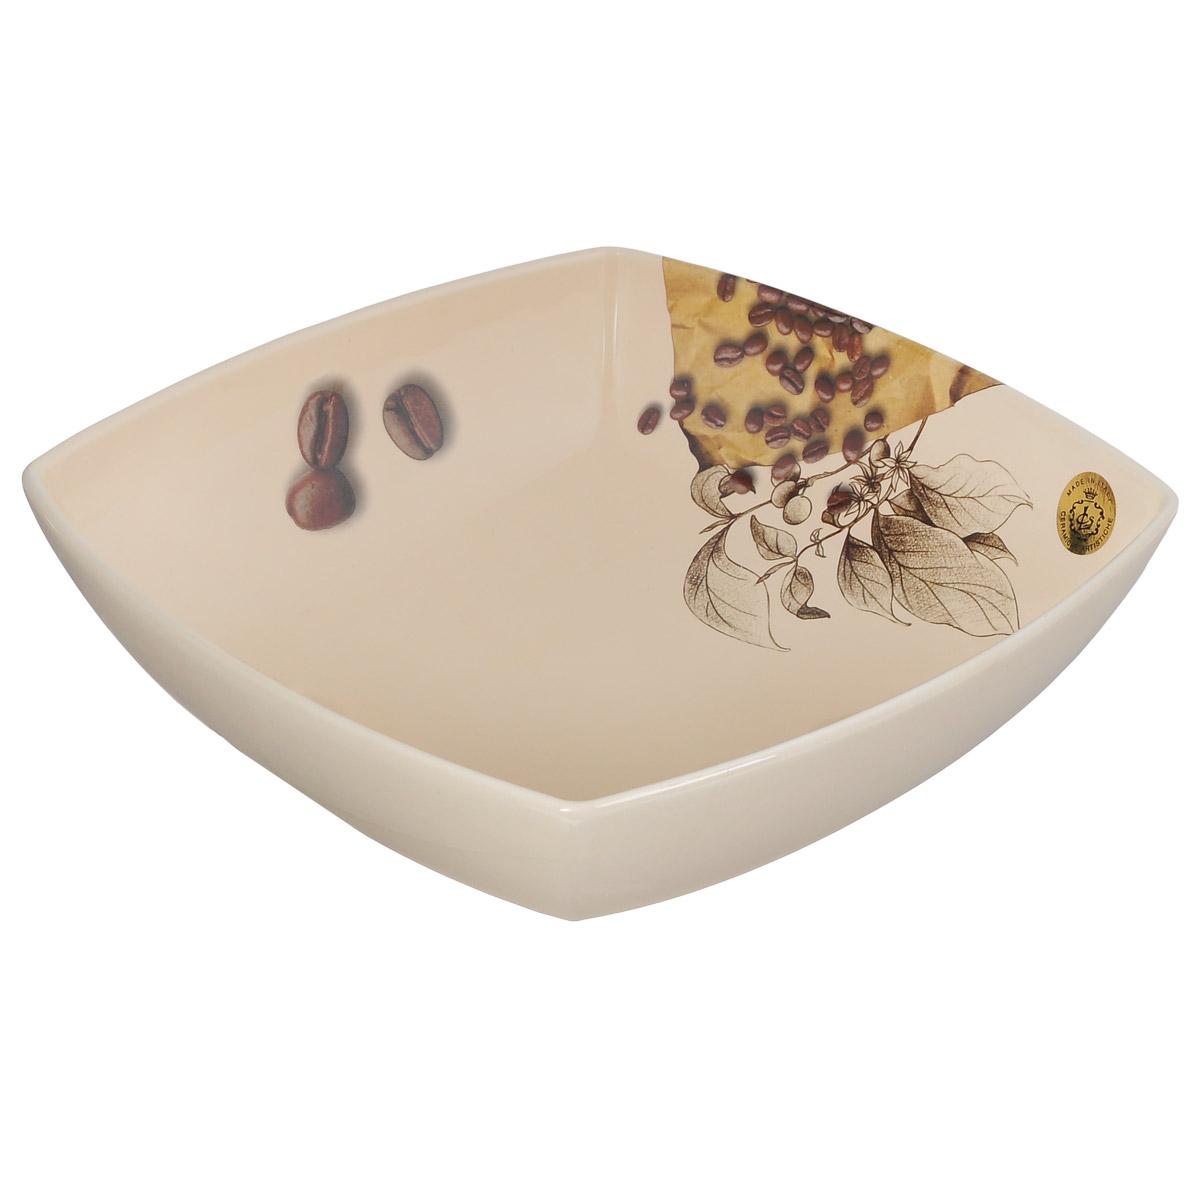 Салатник Sestesi Moka, 28 см х 28 смMOK311Глубокий салатник Sestesi Moka, изготовленный из высококачественной керамики, декорирован изображением кофейных зерен. Изделие сочетает в себе изысканный дизайн с максимальной функциональностью. Красочность оформления придется по вкусу и ценителям классики, и тем, кто предпочитает утонченность и изысканность. Керамический салатник Sestesi Moka украсит сервировку вашего стола и подчеркнет прекрасный вкус хозяина, а также станет отличным подарком. Можно мыть в посудомоечной машине и использовать в микроволновой печи. Размер салатника (по верхнему краю): 28 см х 28 см. Высота салатника: 9 см.